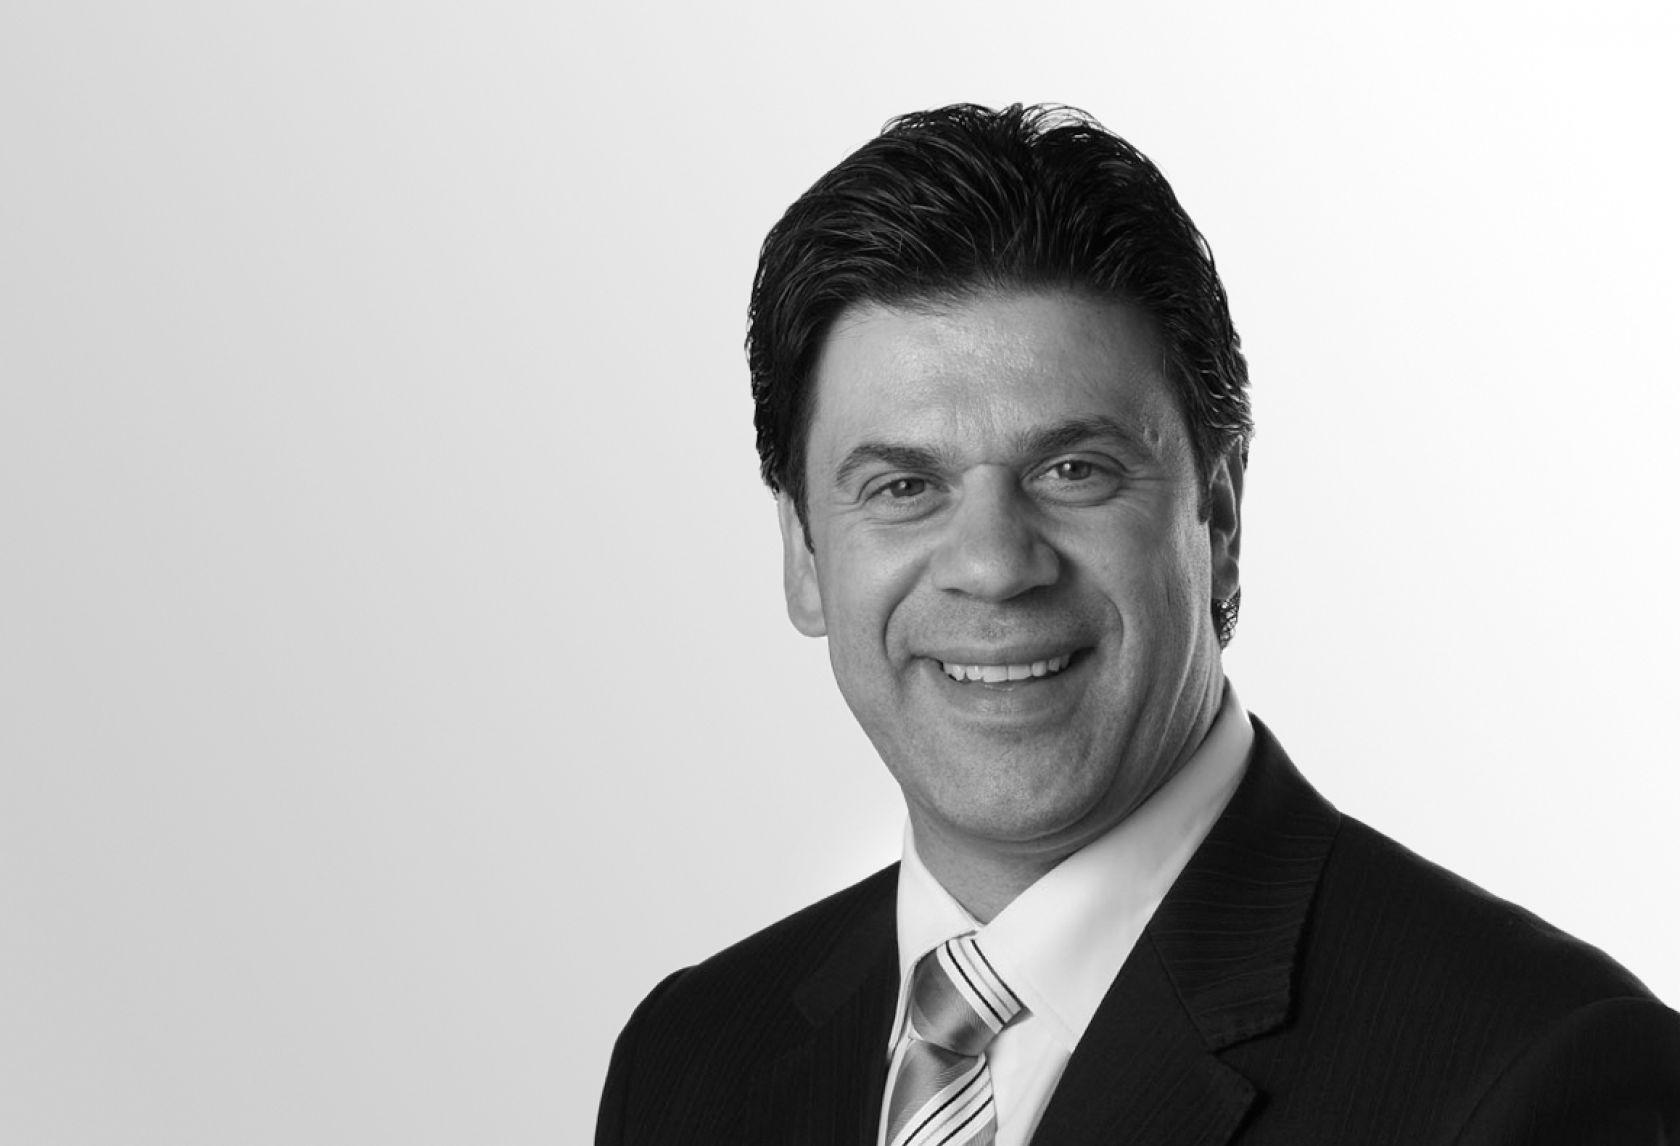 Raffaele Tigani